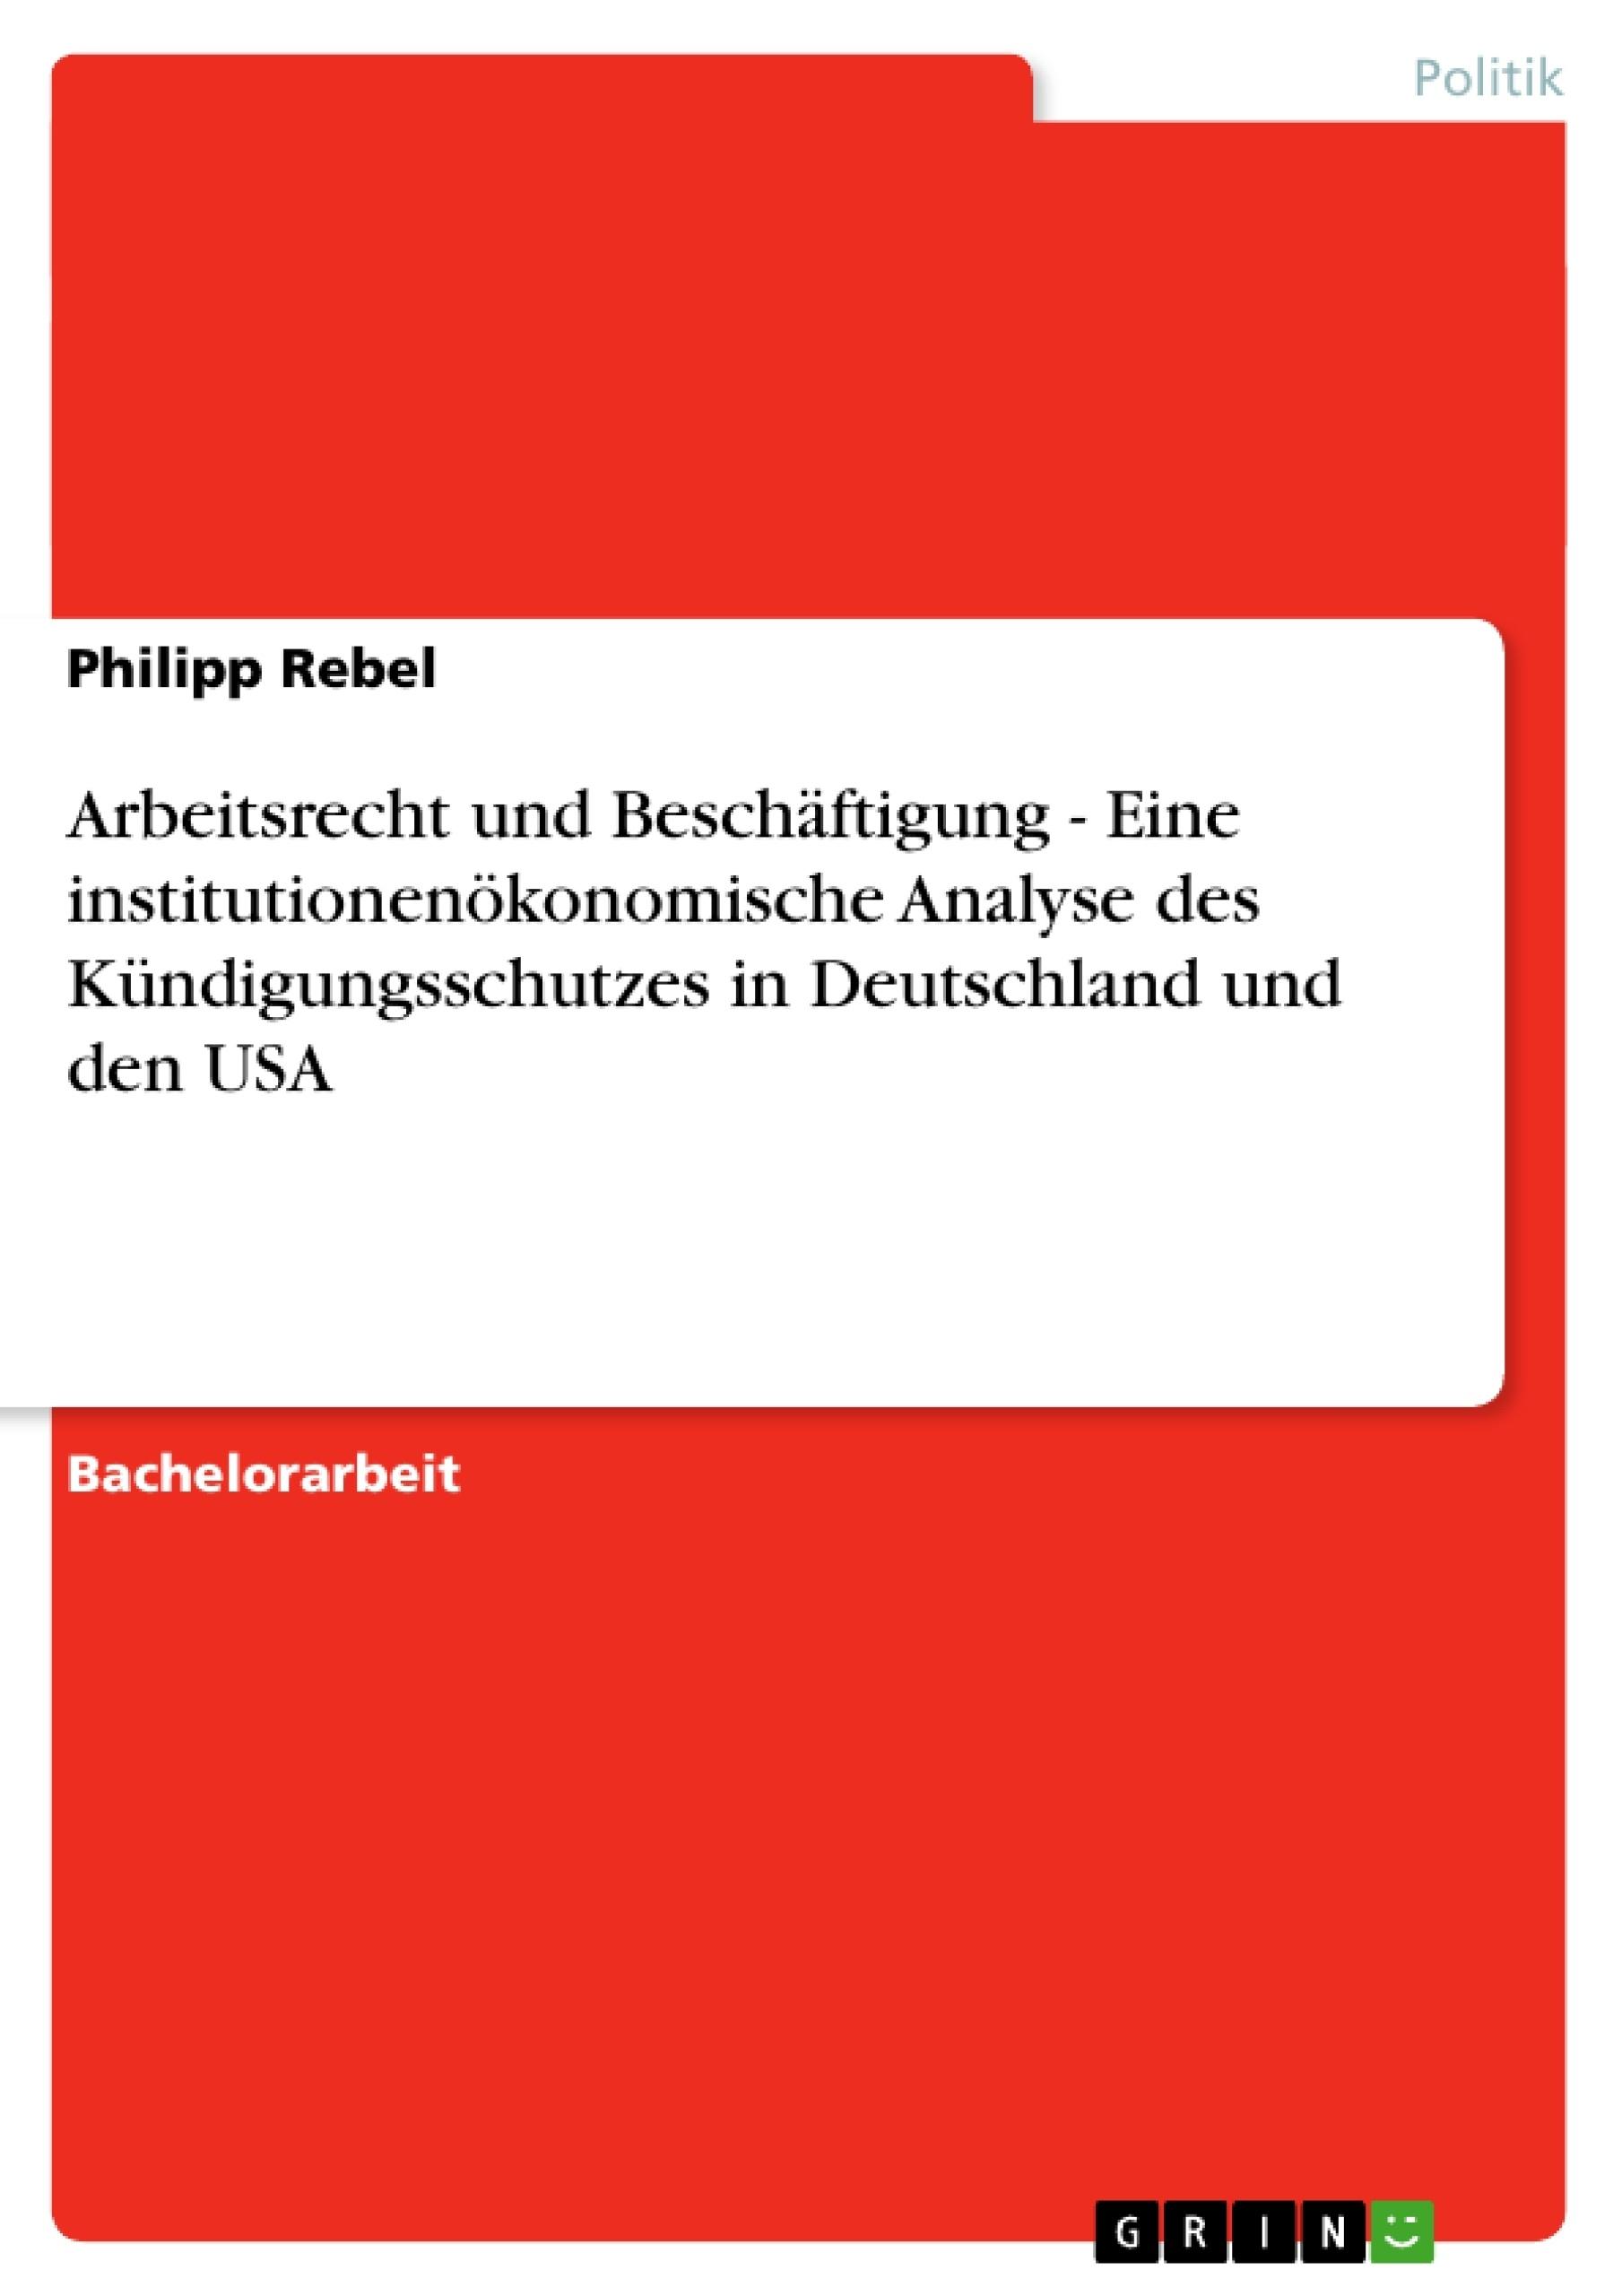 Titel: Arbeitsrecht und Beschäftigung - Eine institutionenökonomische Analyse des Kündigungsschutzes in Deutschland und den USA